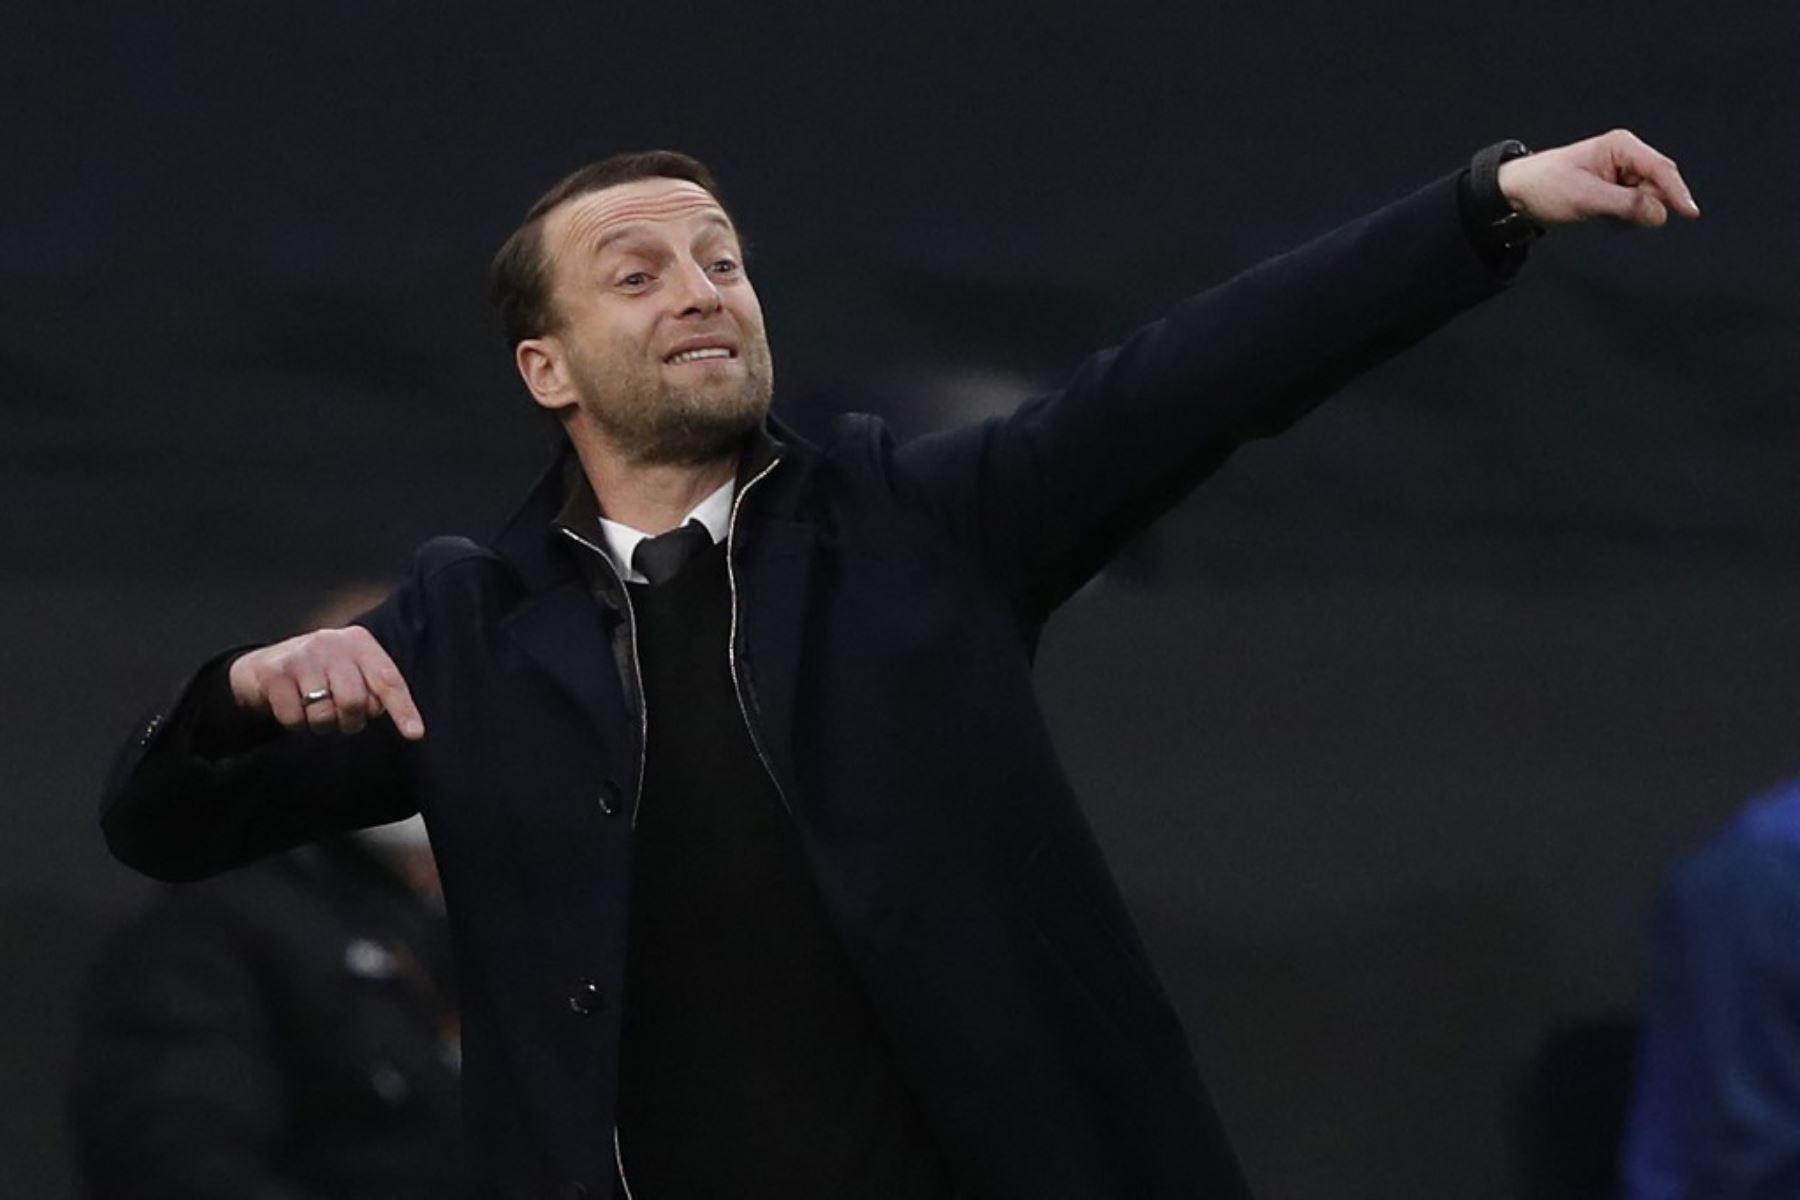 El entrenador del Wolfsberger, Ferdinand Feldhofer, hace gestos desde las líneas laterales durante el último partido de la segunda etapa de la UEFA Europa League entre el Tottenham Hotspur y el Wolfsberg en el Tottenham Hotspur Stadium de Londres  Foto:AFP